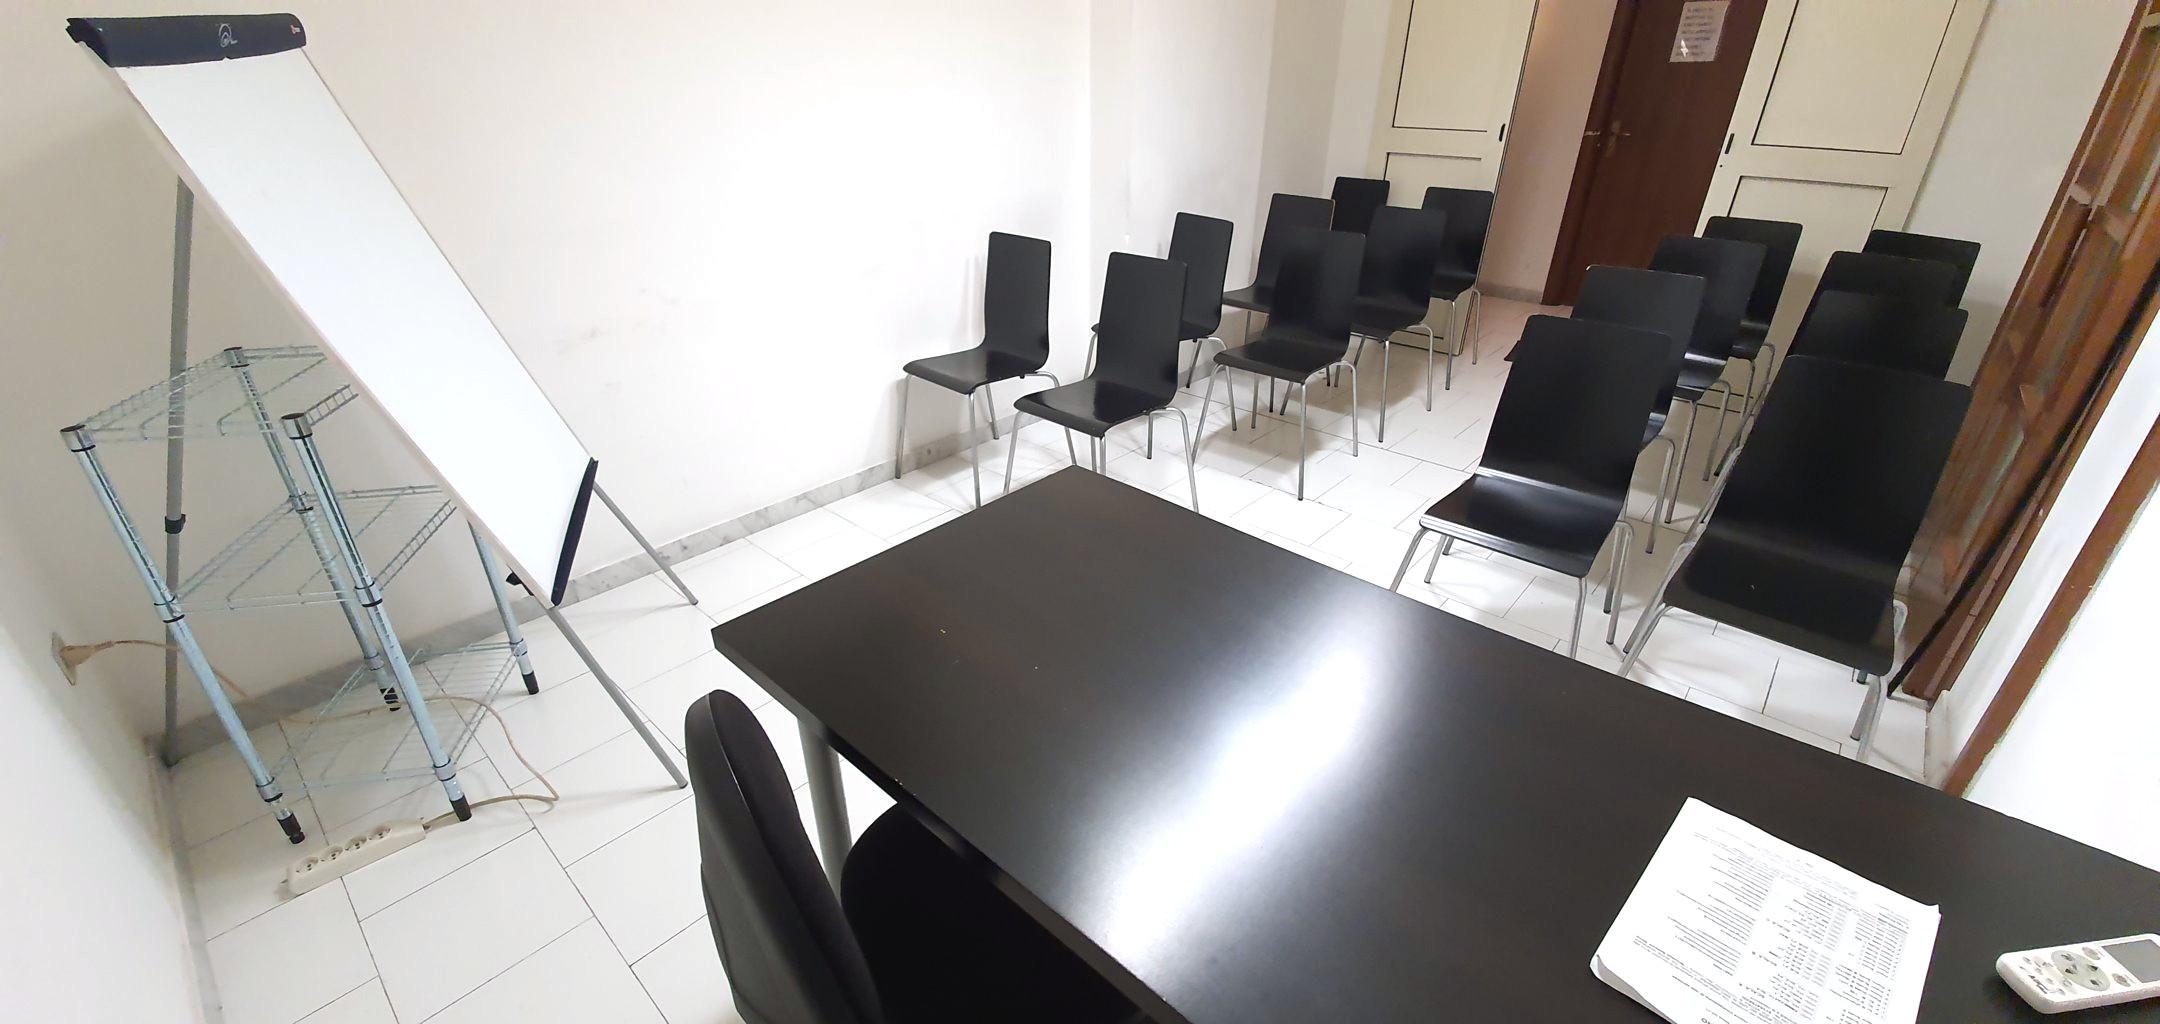 Affitto ufficio Virtuale Napoli